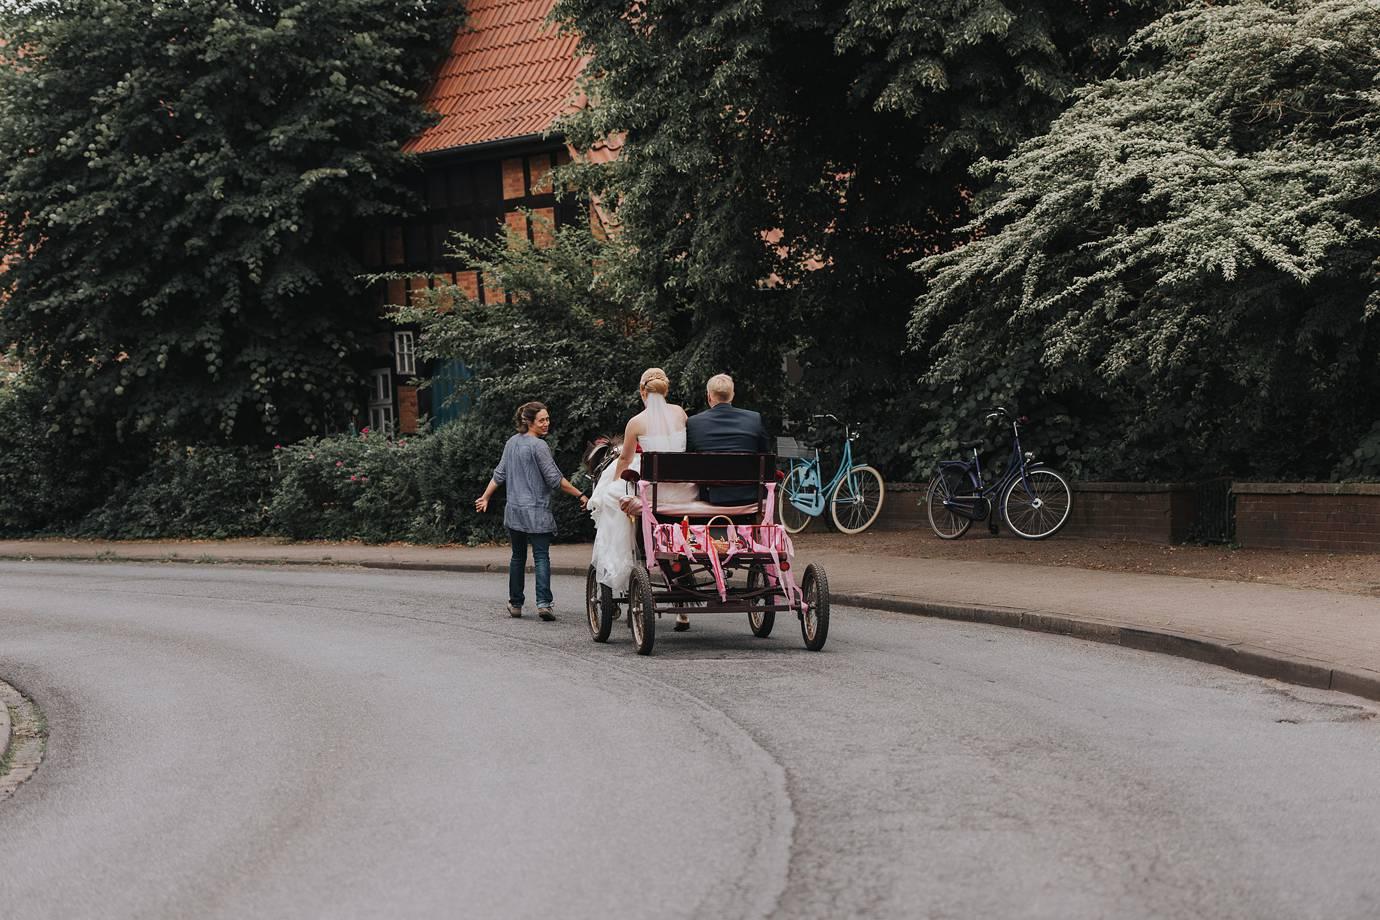 hochzeitsfotograf rotenburg 120 - Rebecca+Malte